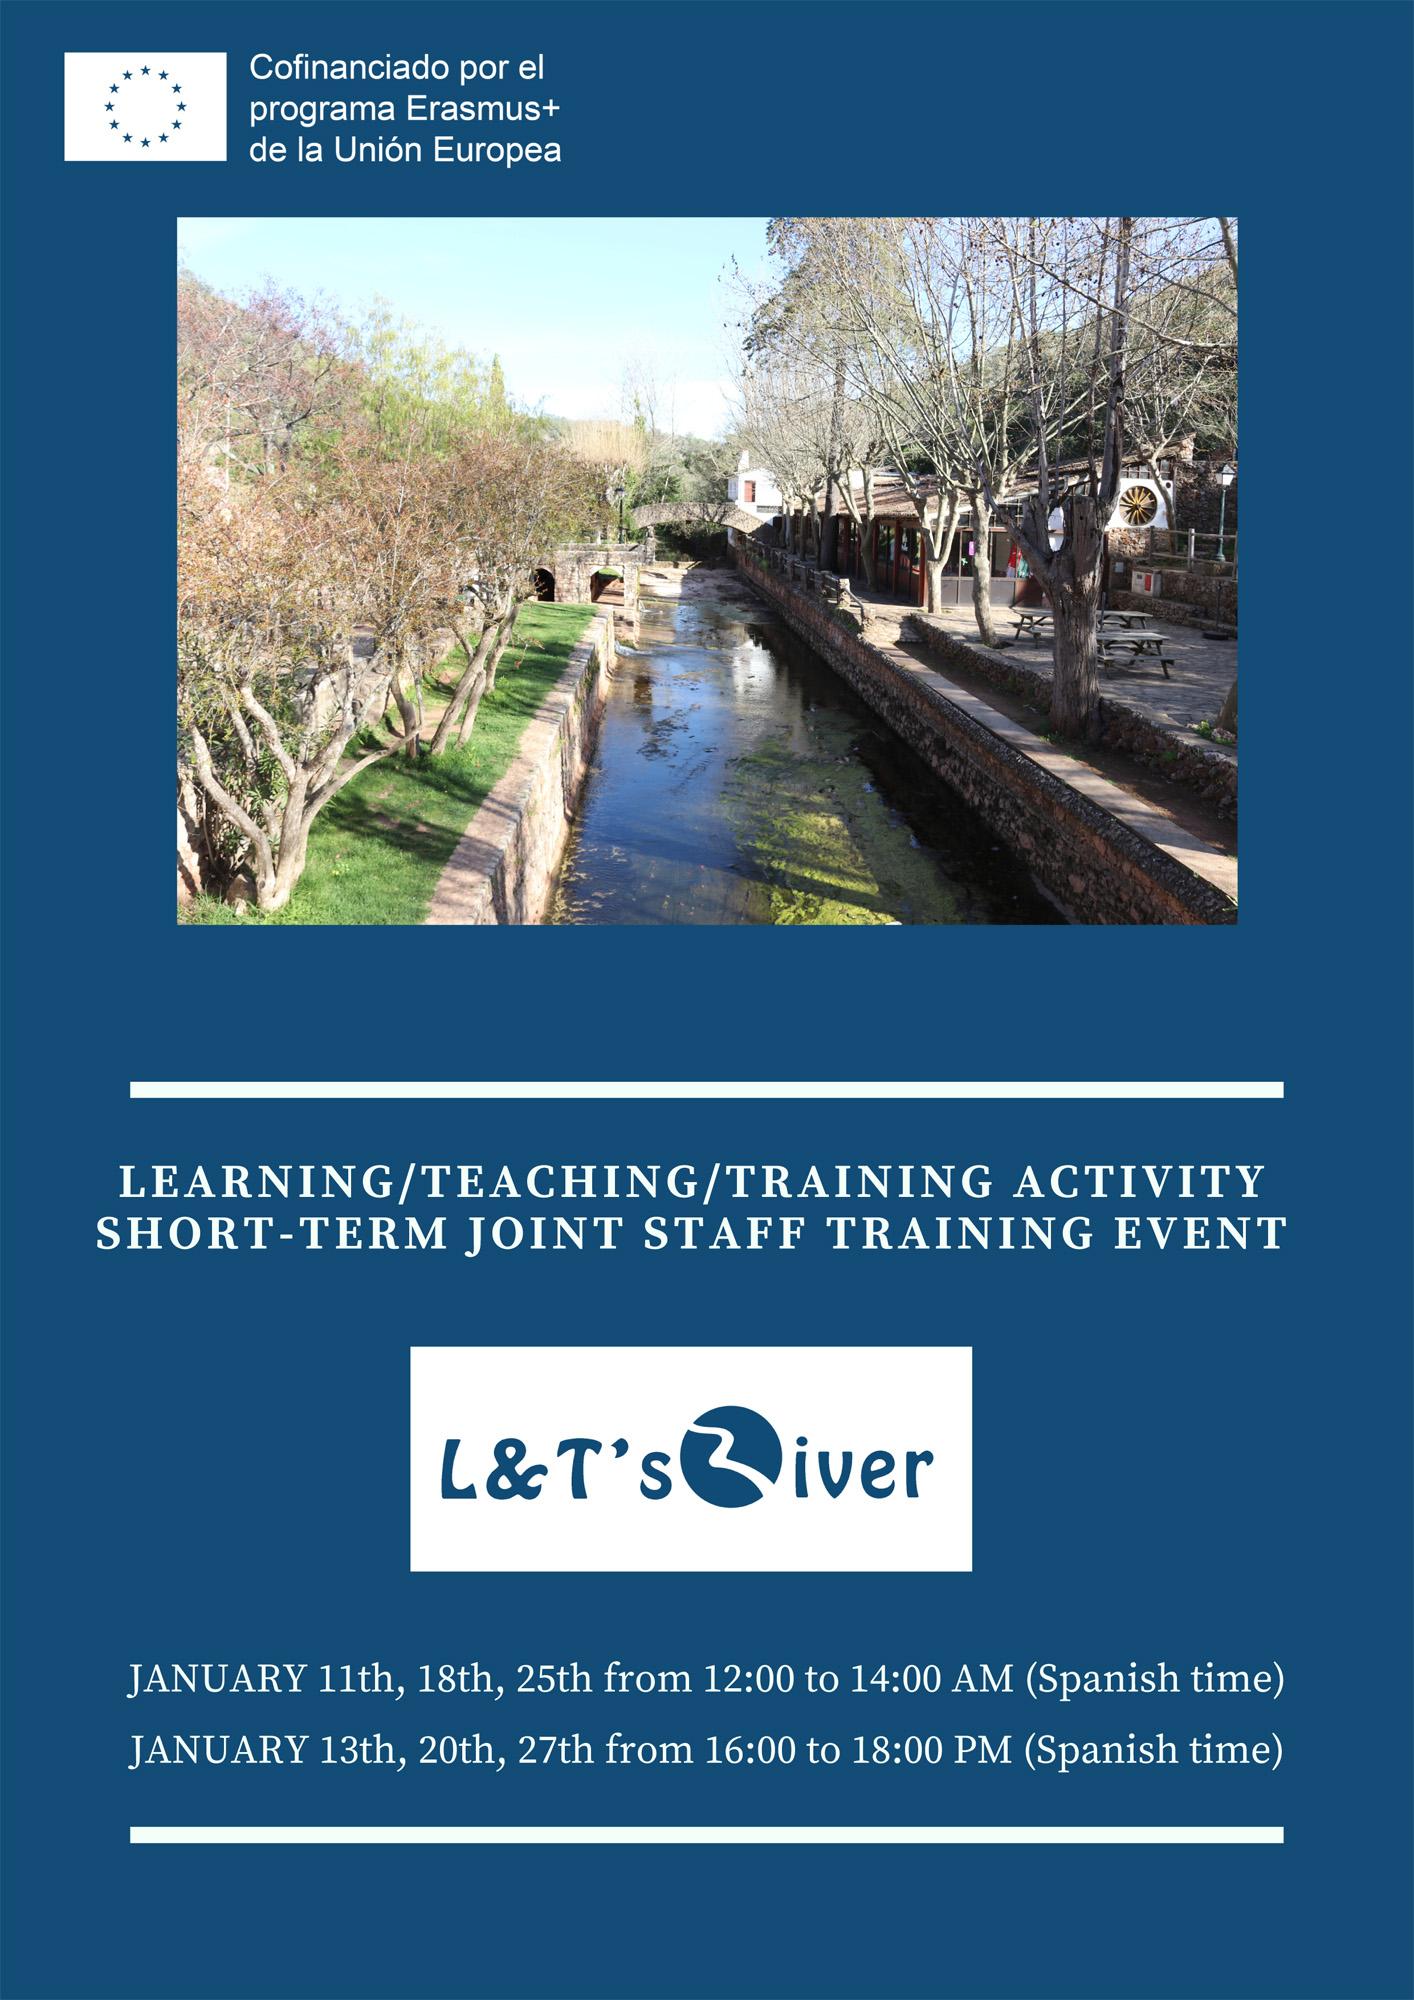 Programación LTTA1 River